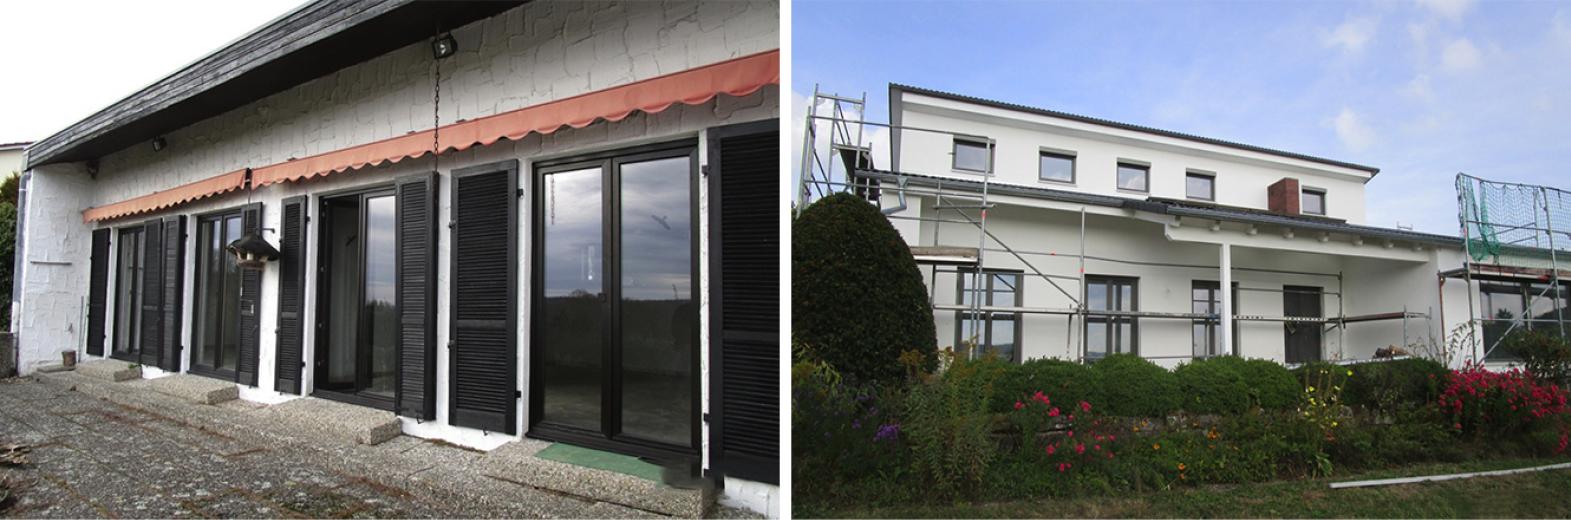 Altbausanierung in modernes Wohnhaus, zum Effizienzhaus mit neuem Raumkonzept